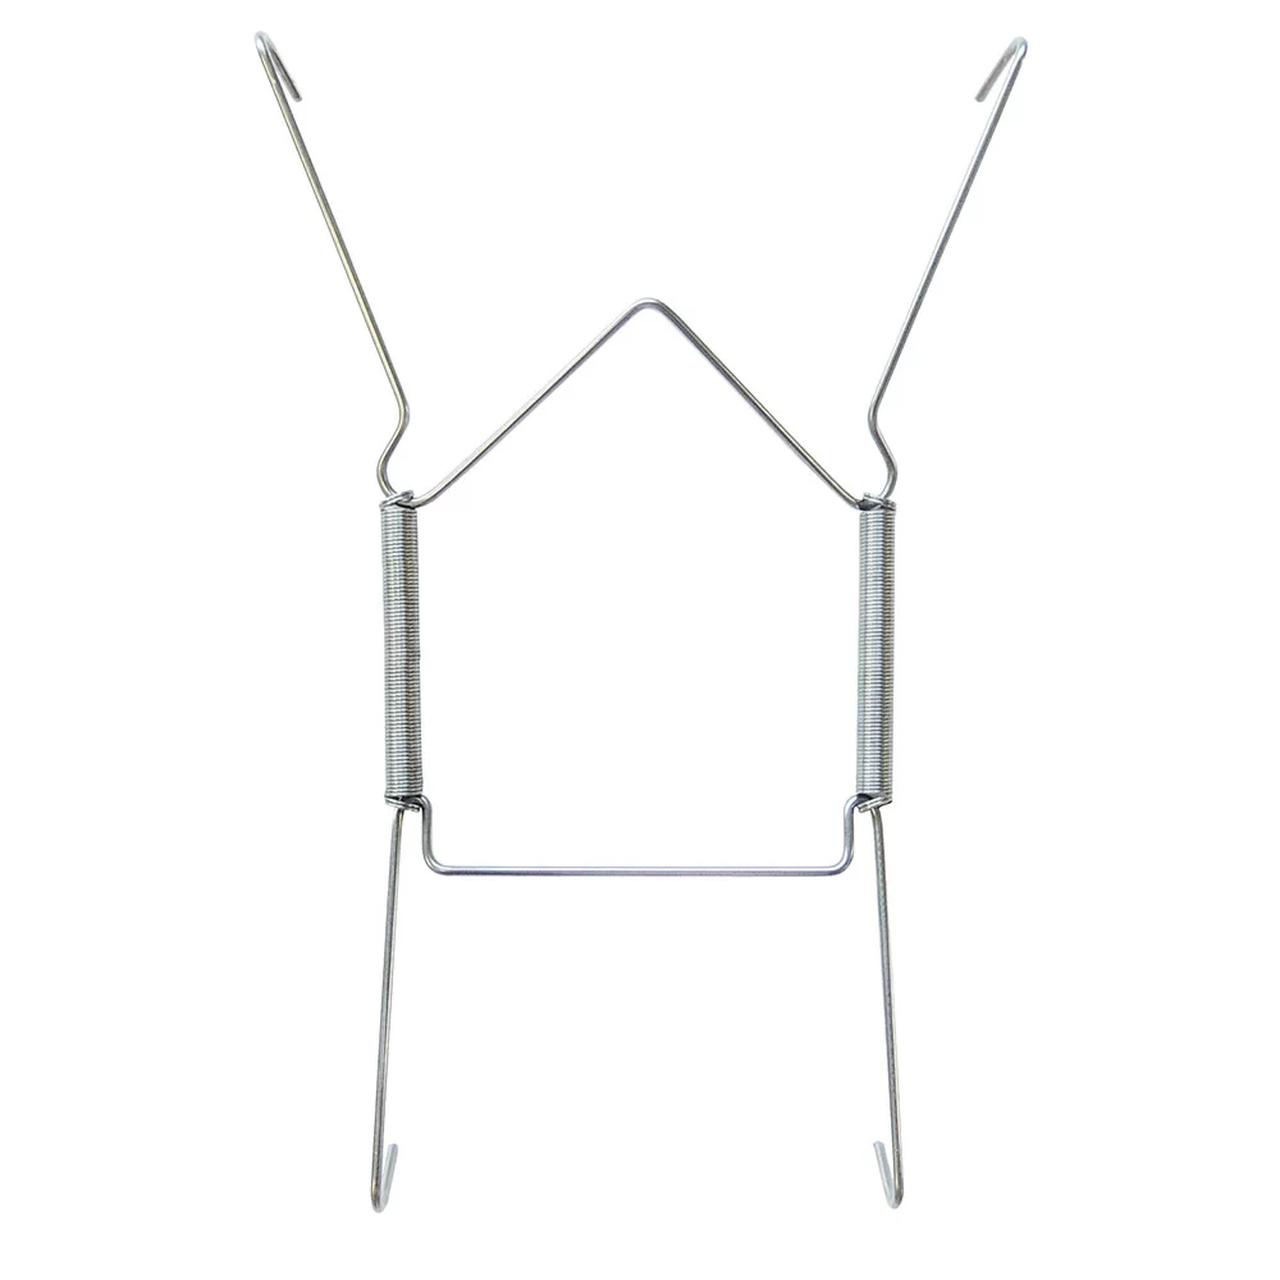 Suporte expositor para pratos 16-19 cm